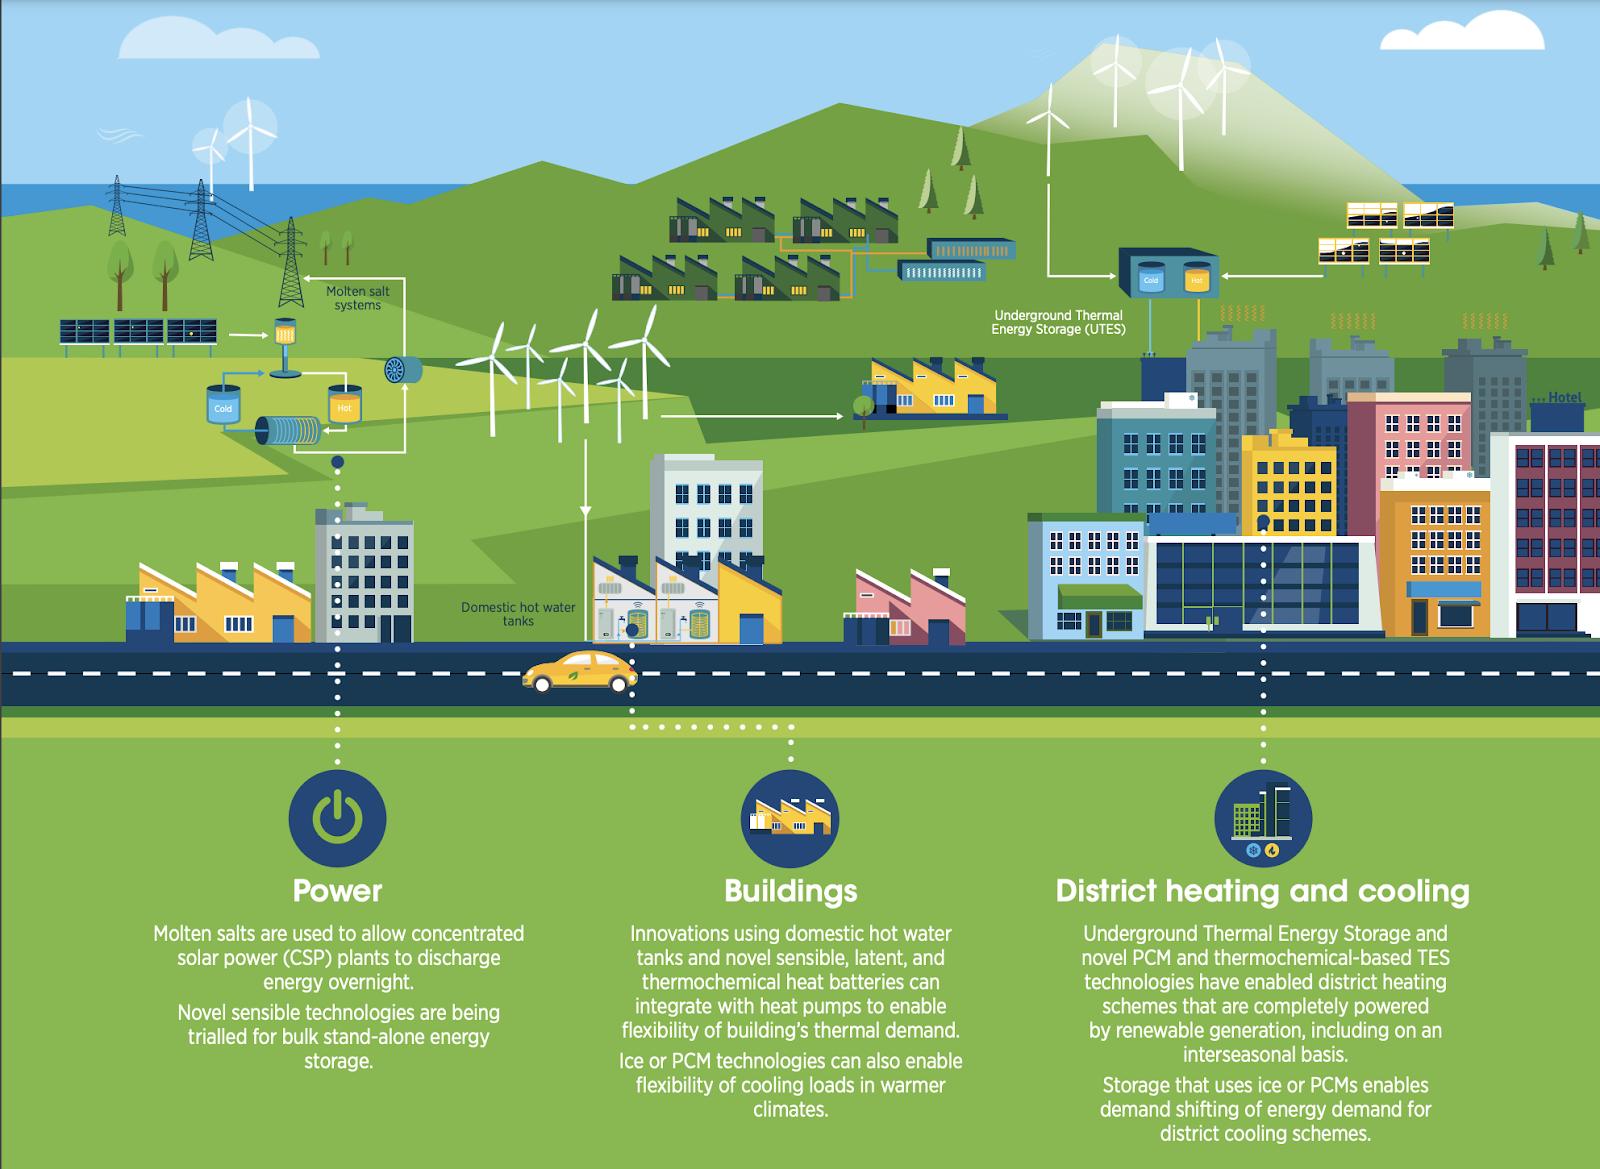 un diagrama que muestra cómo las tecnologías térmicas permiten que la energía renovable se almacene y utilice posteriormente.